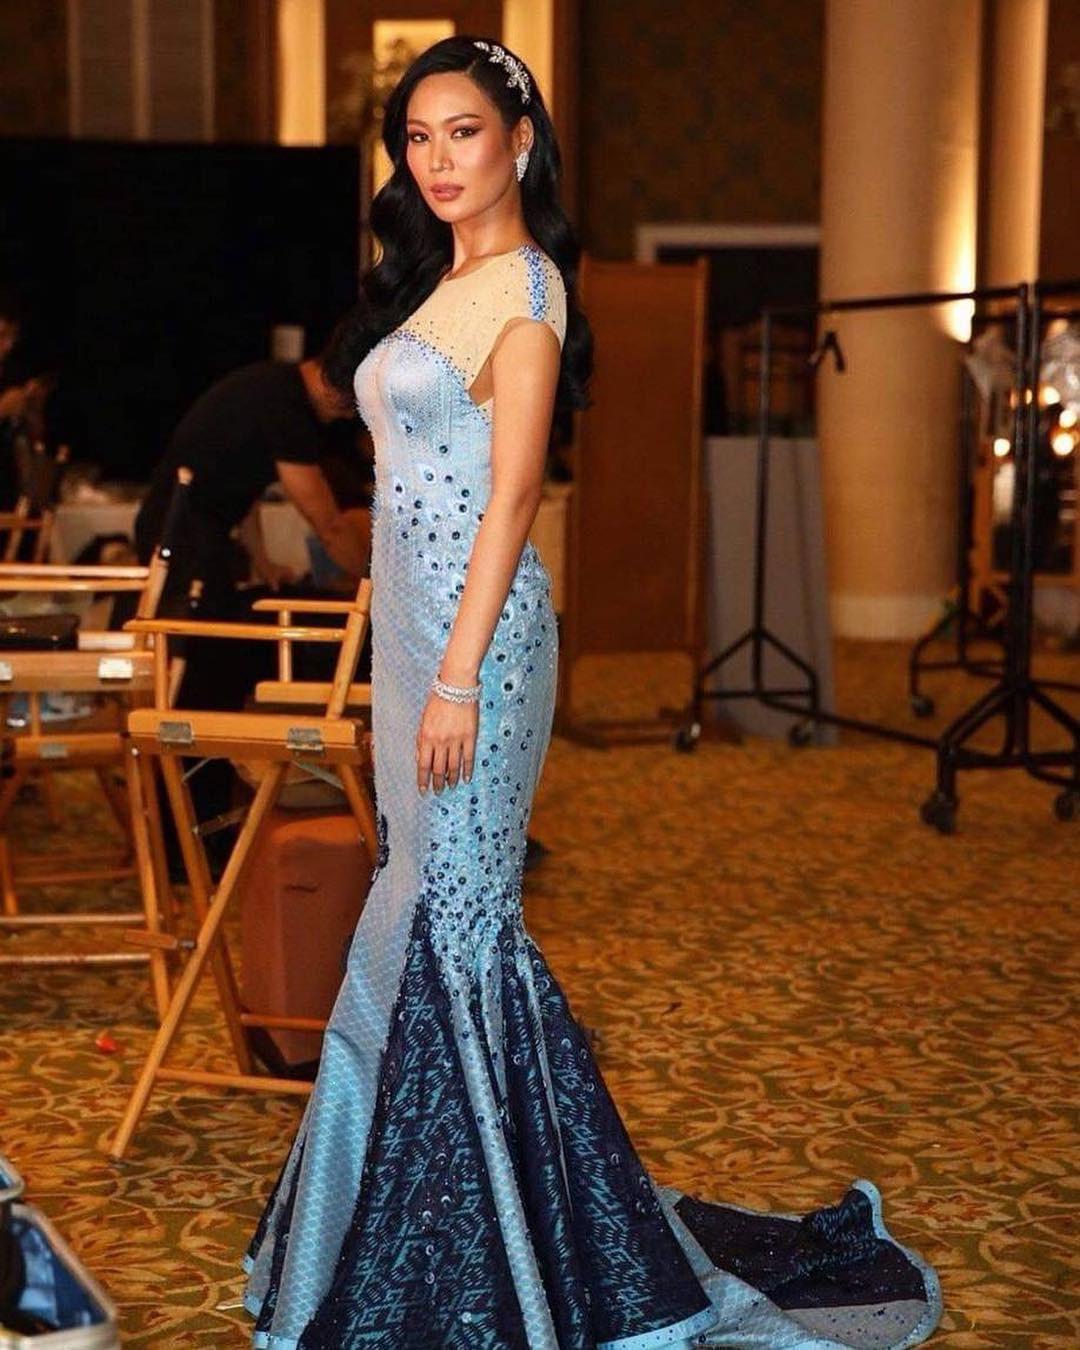 Trót chê váy Công chúa thiết kế, Youtuber Thái Lan chuyển giới đối mặt án phạt tù 15 năm 1